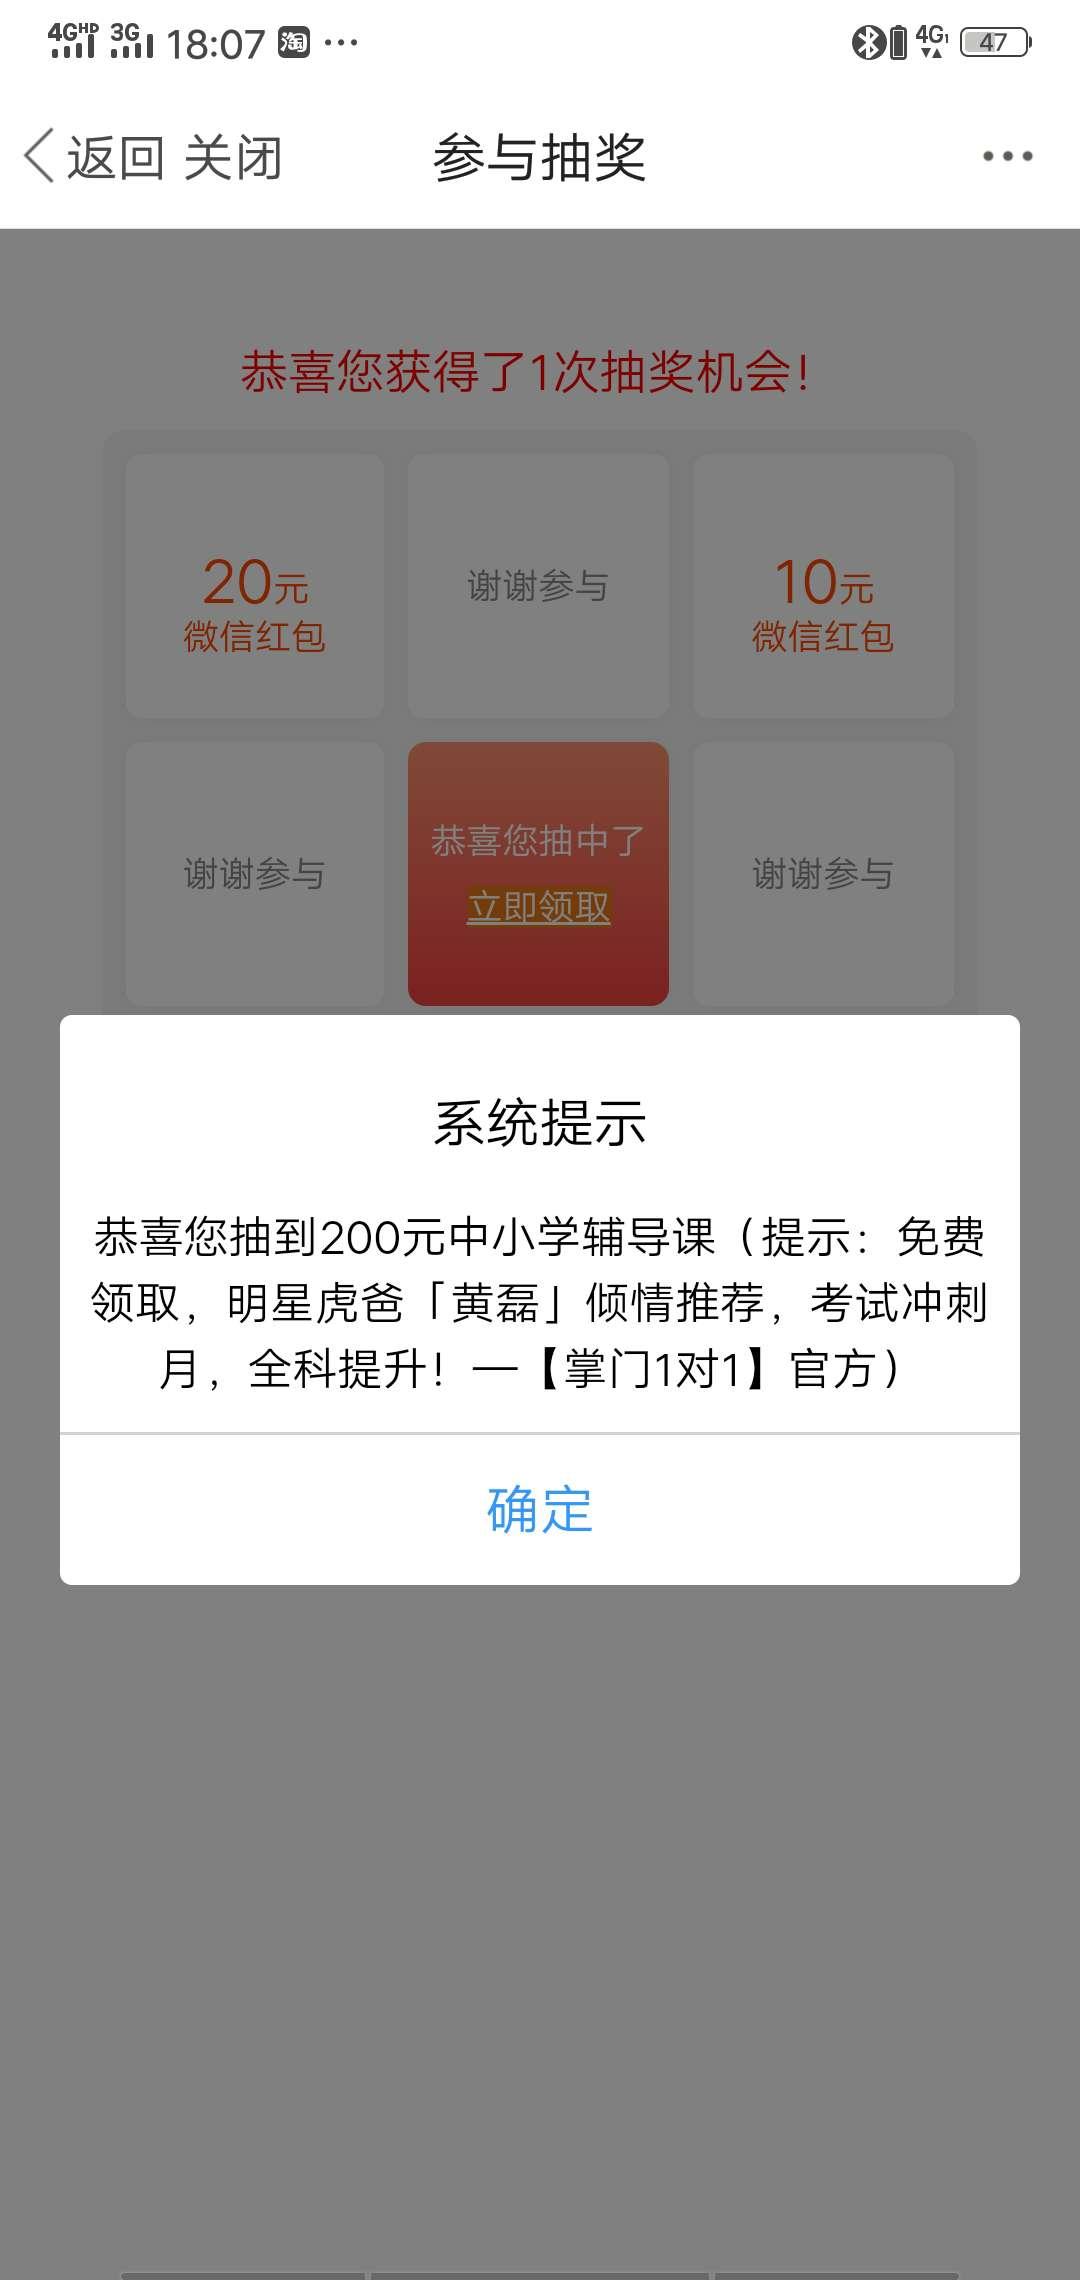 #免费抽微信红包#卡农社区有奖使用调查54 / 作者:我是嘤嘤怪 /